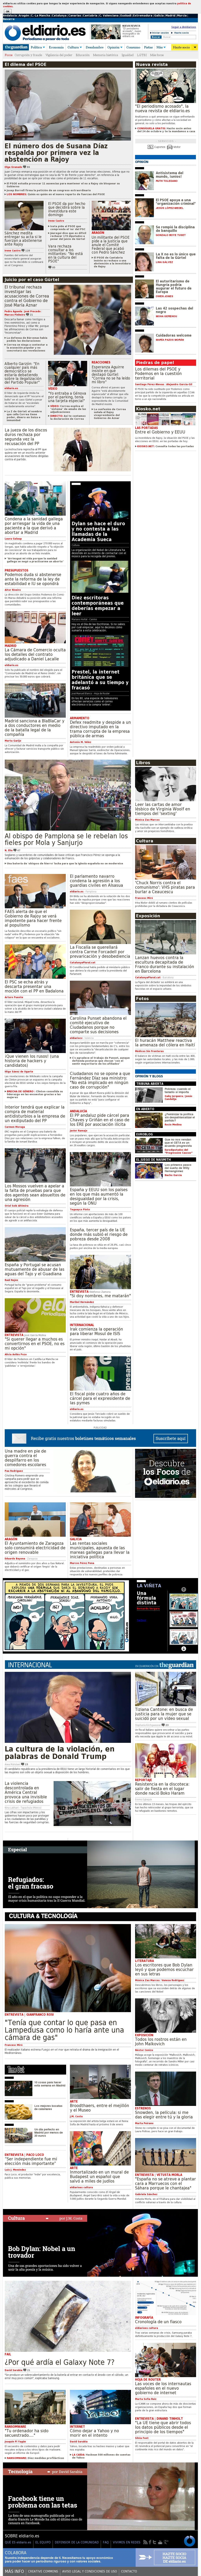 El Diario at Monday Oct. 17, 2016, 6:03 p.m. UTC